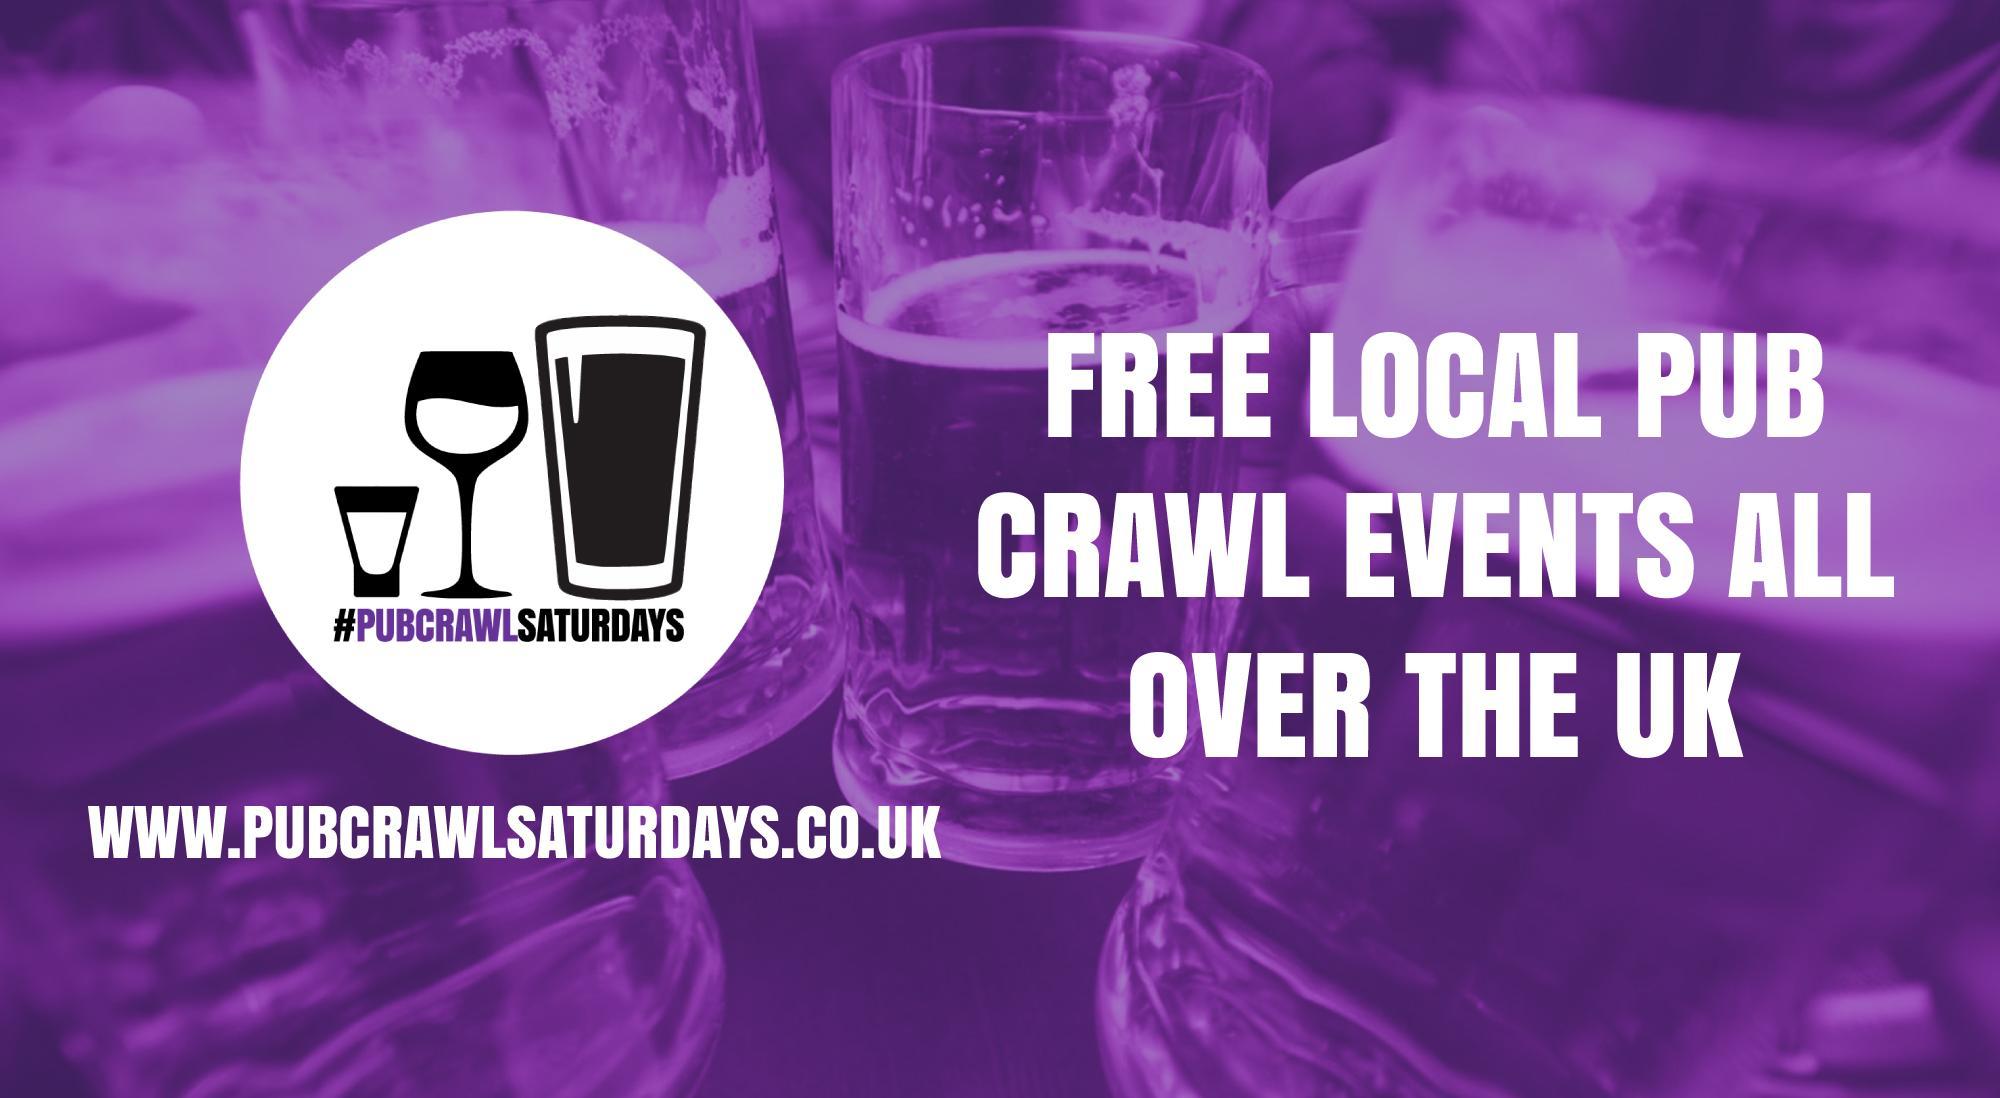 PUB CRAWL SATURDAYS! Free weekly pub crawl event in Warwick